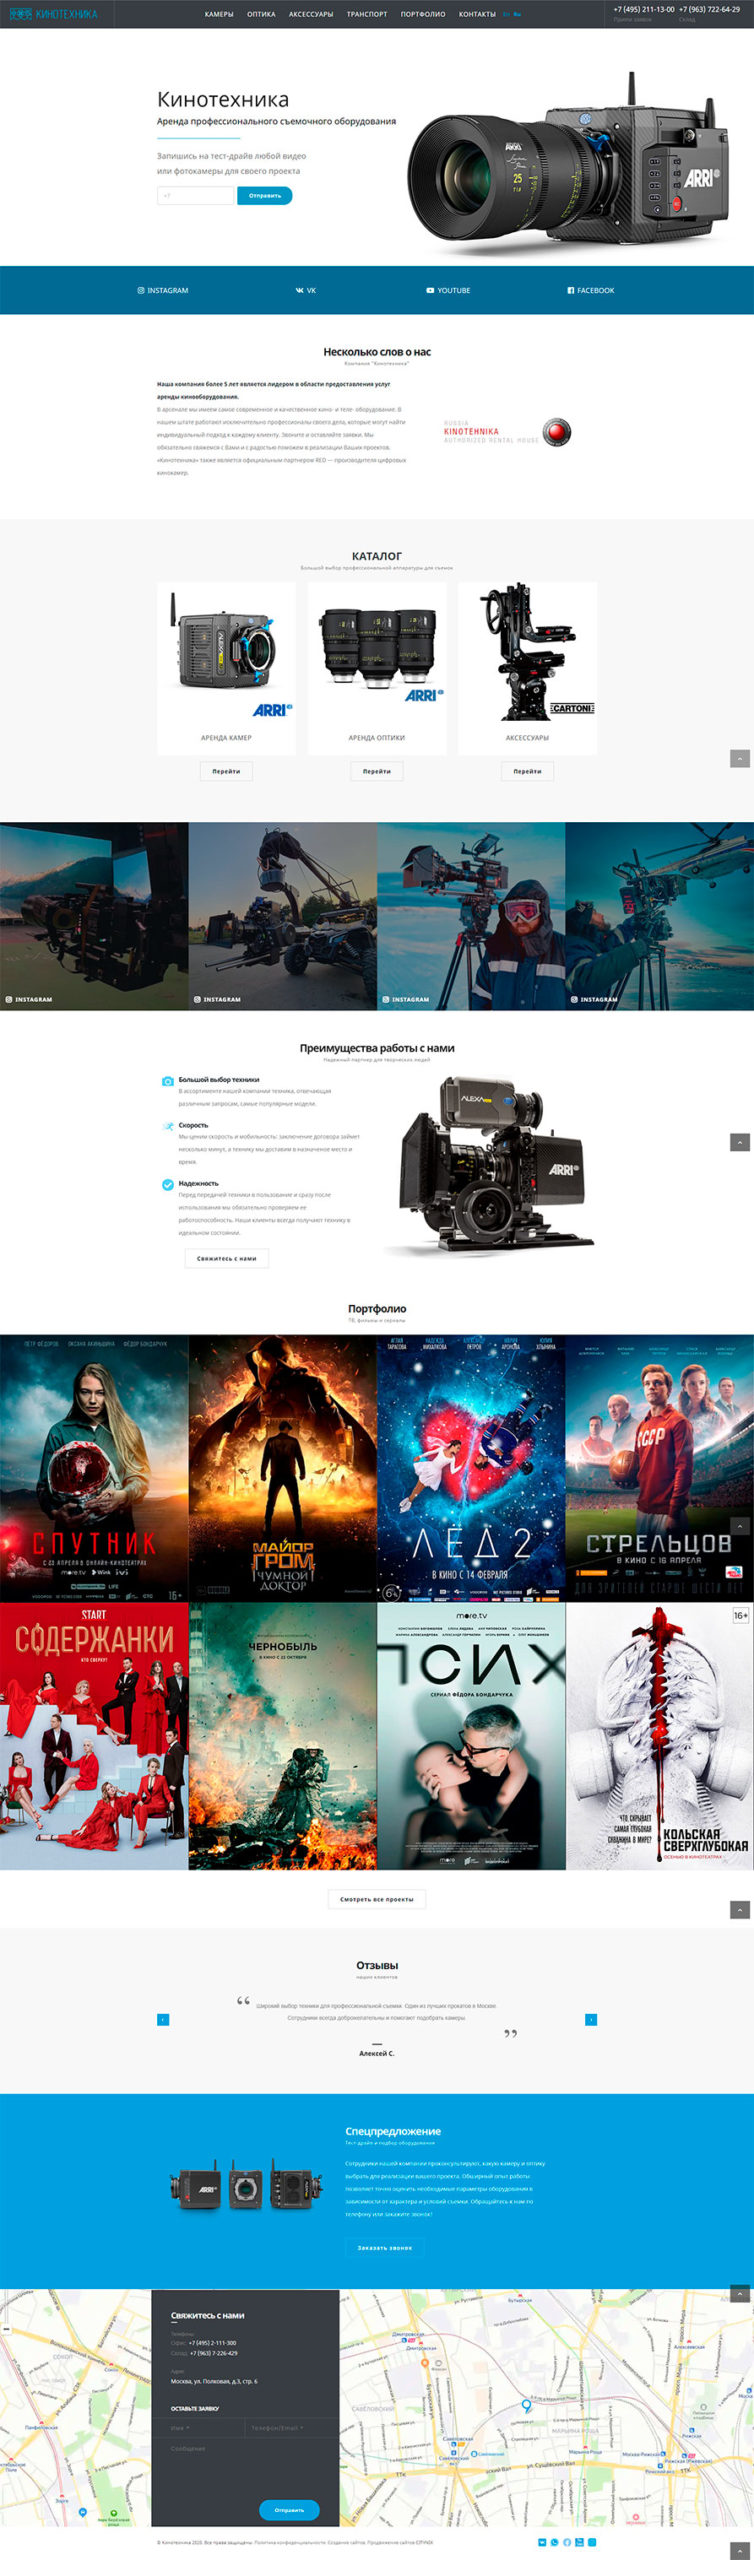 создание сайта для арендованного оборудования фото